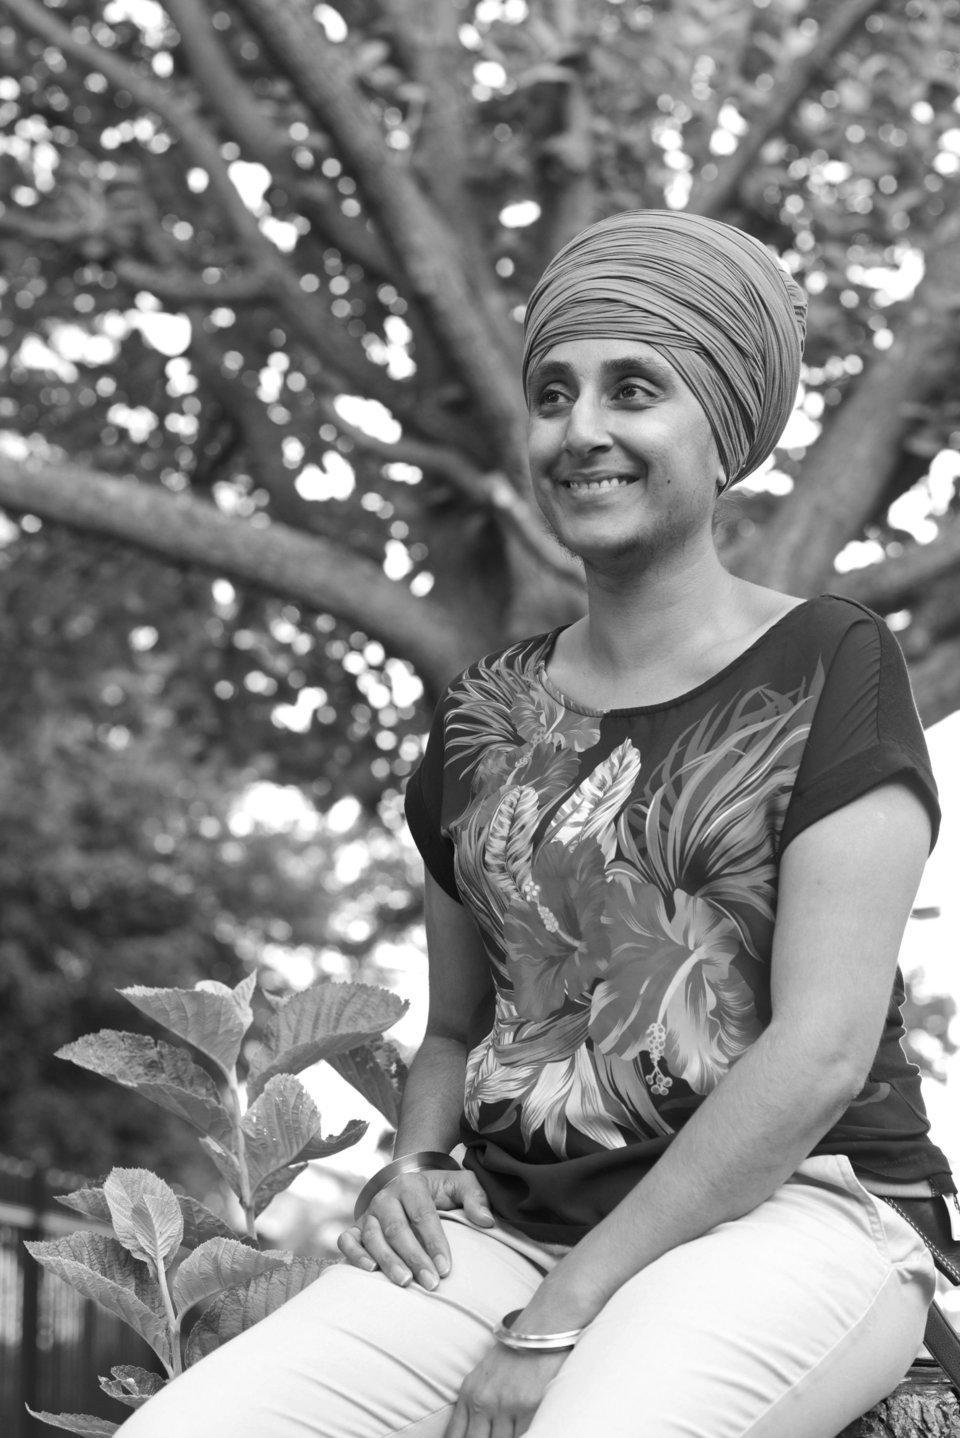 Seit meiner Kindheit habe ich unheilbaren Krebs – trotzdem werde ich niemals aufhören zu